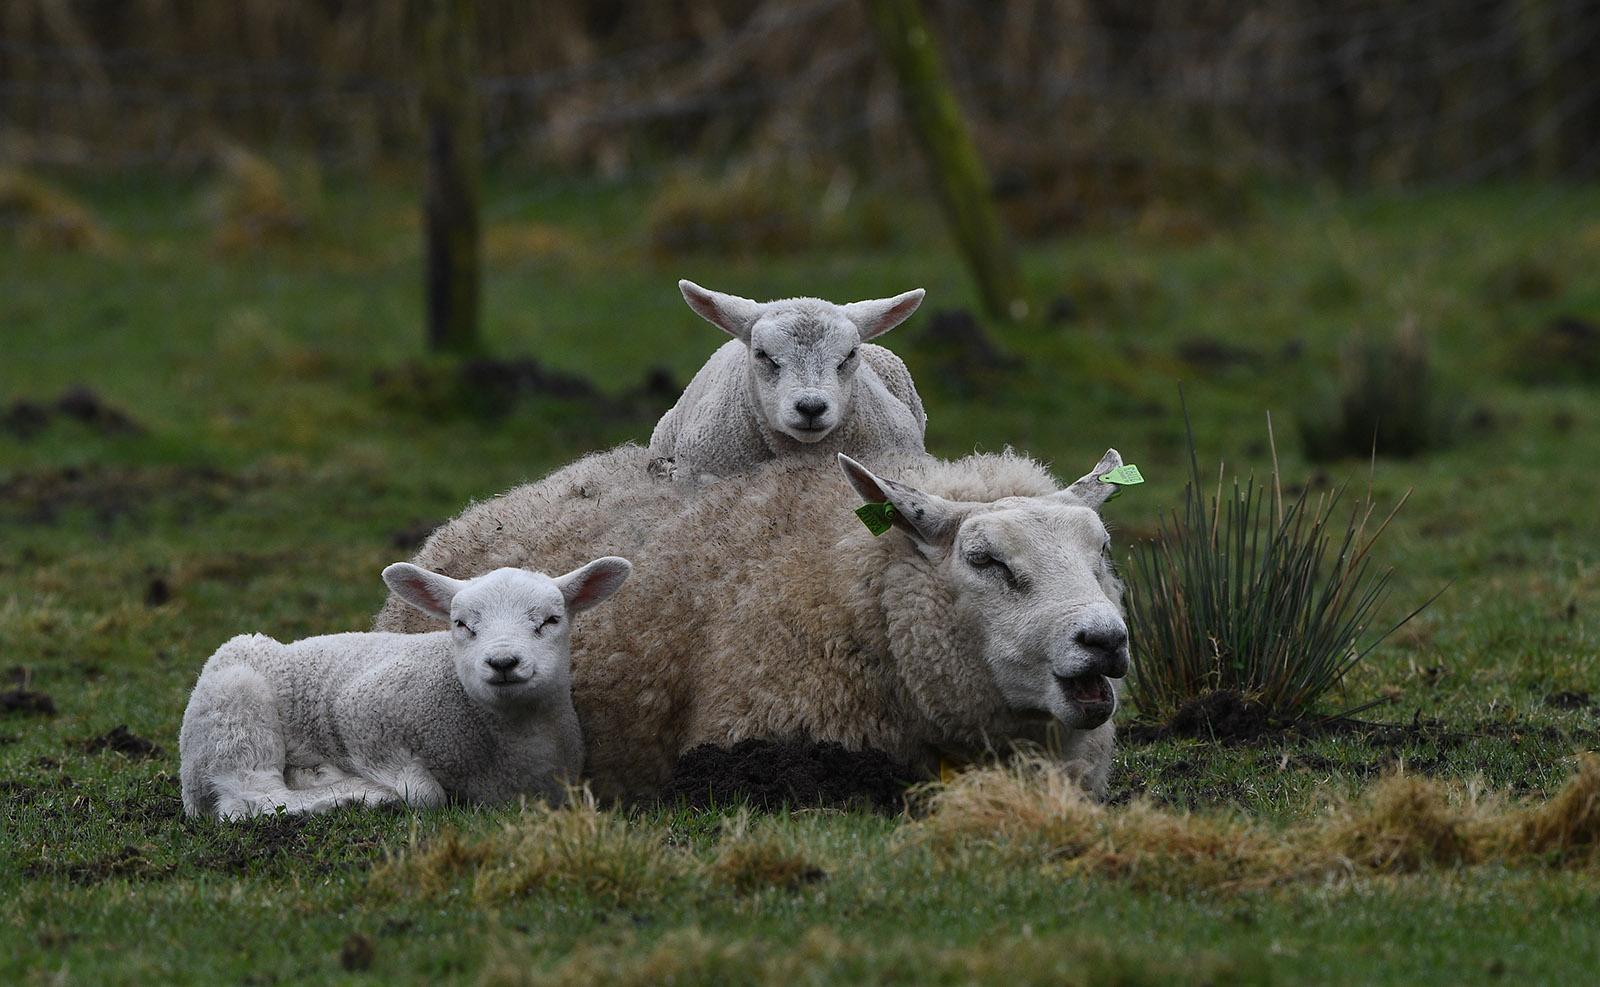 Oog in oog met het drietal in de wei – Foto: ©Louis Fraanje